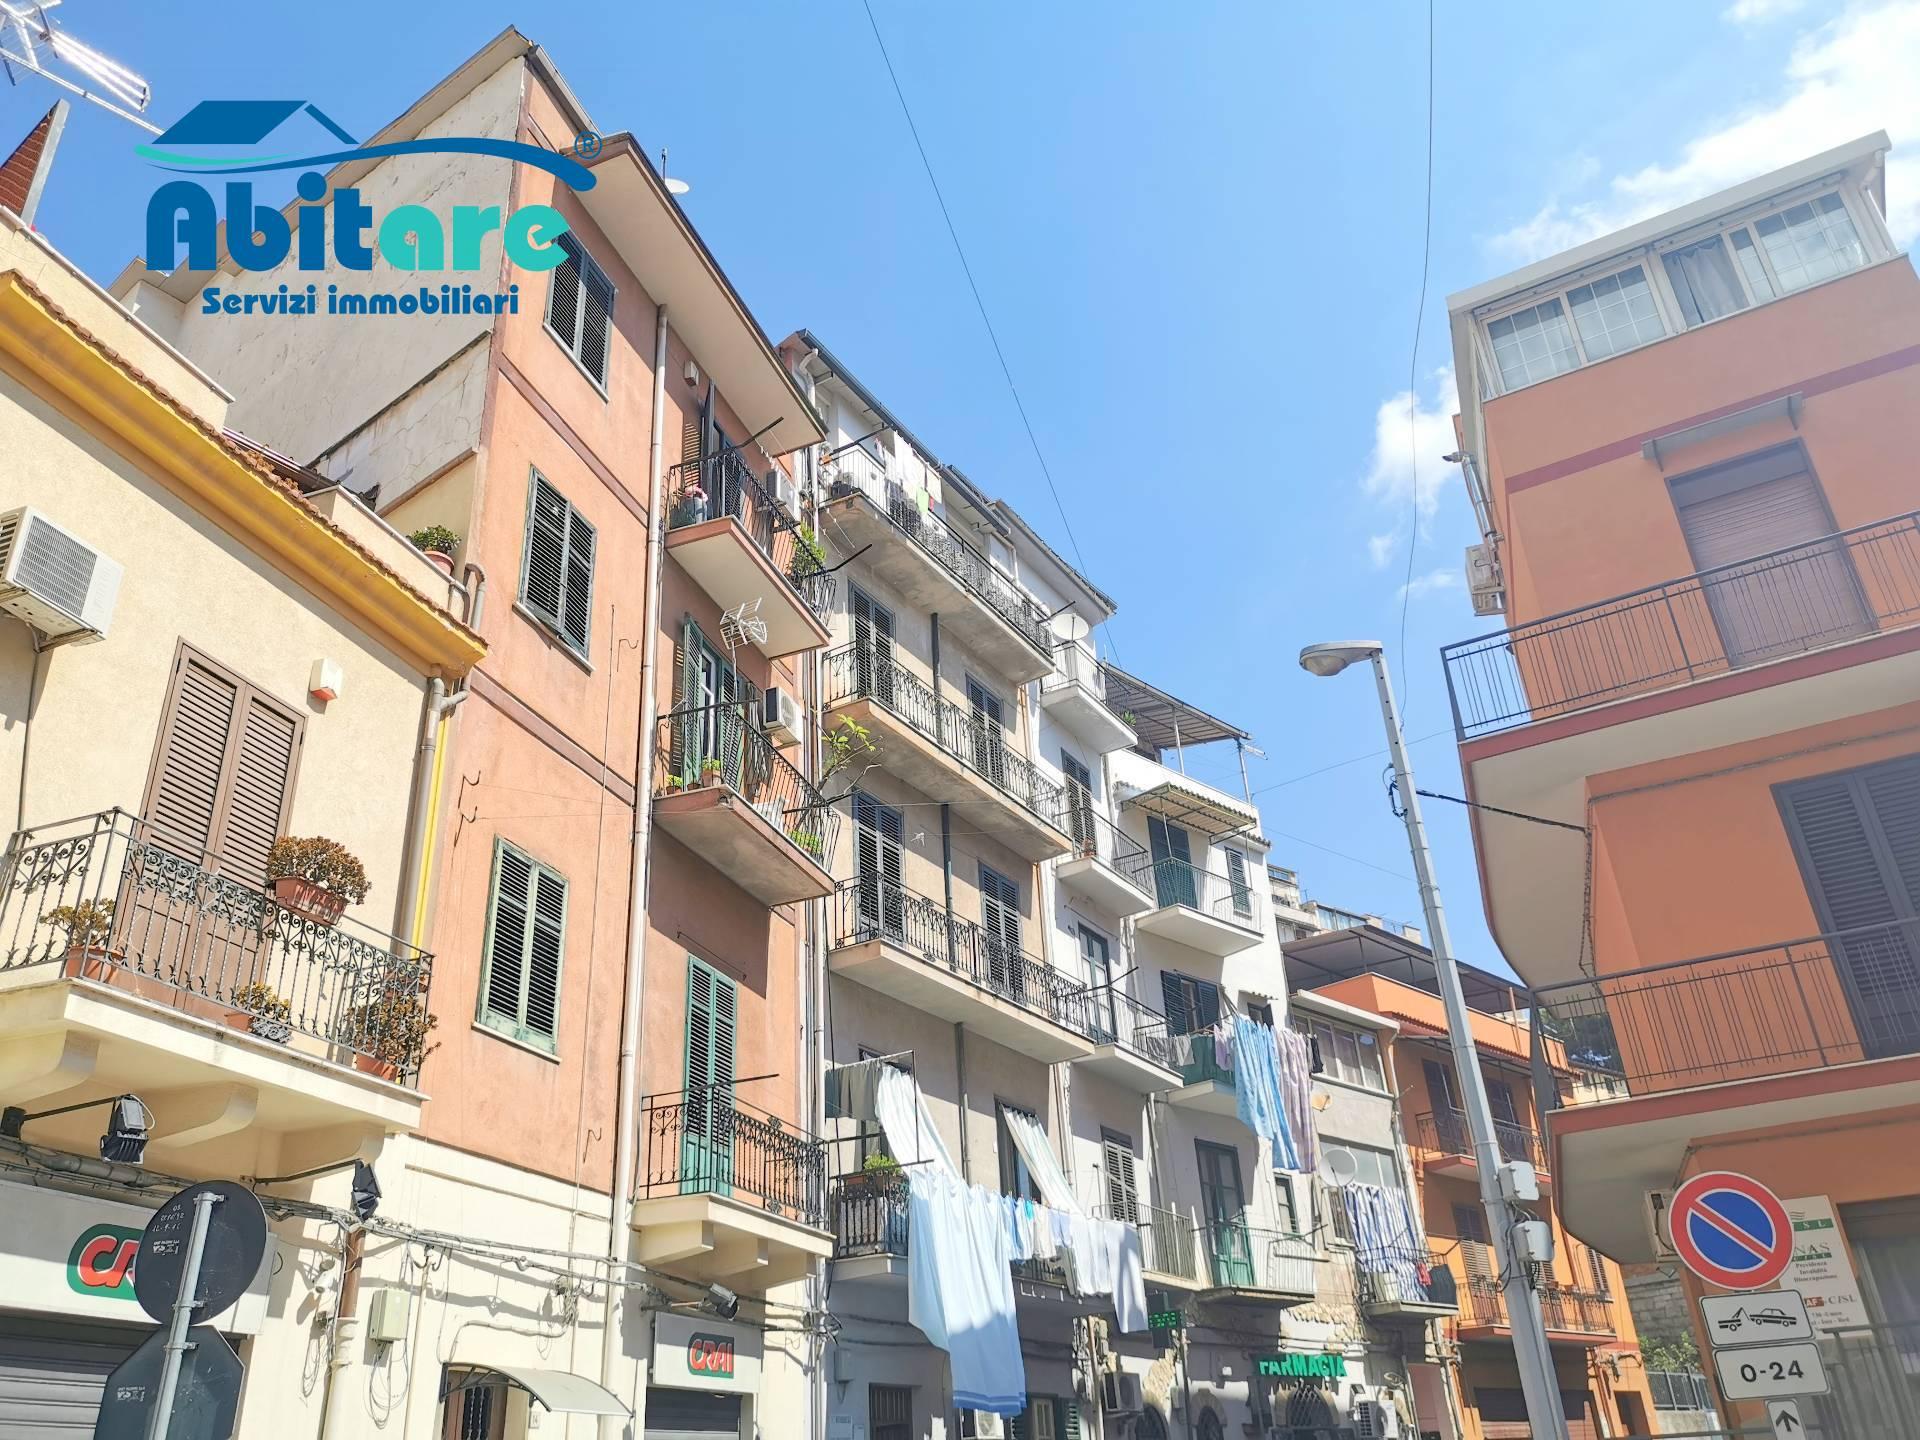 Foto - Appartamento In Vendita Palermo (pa)